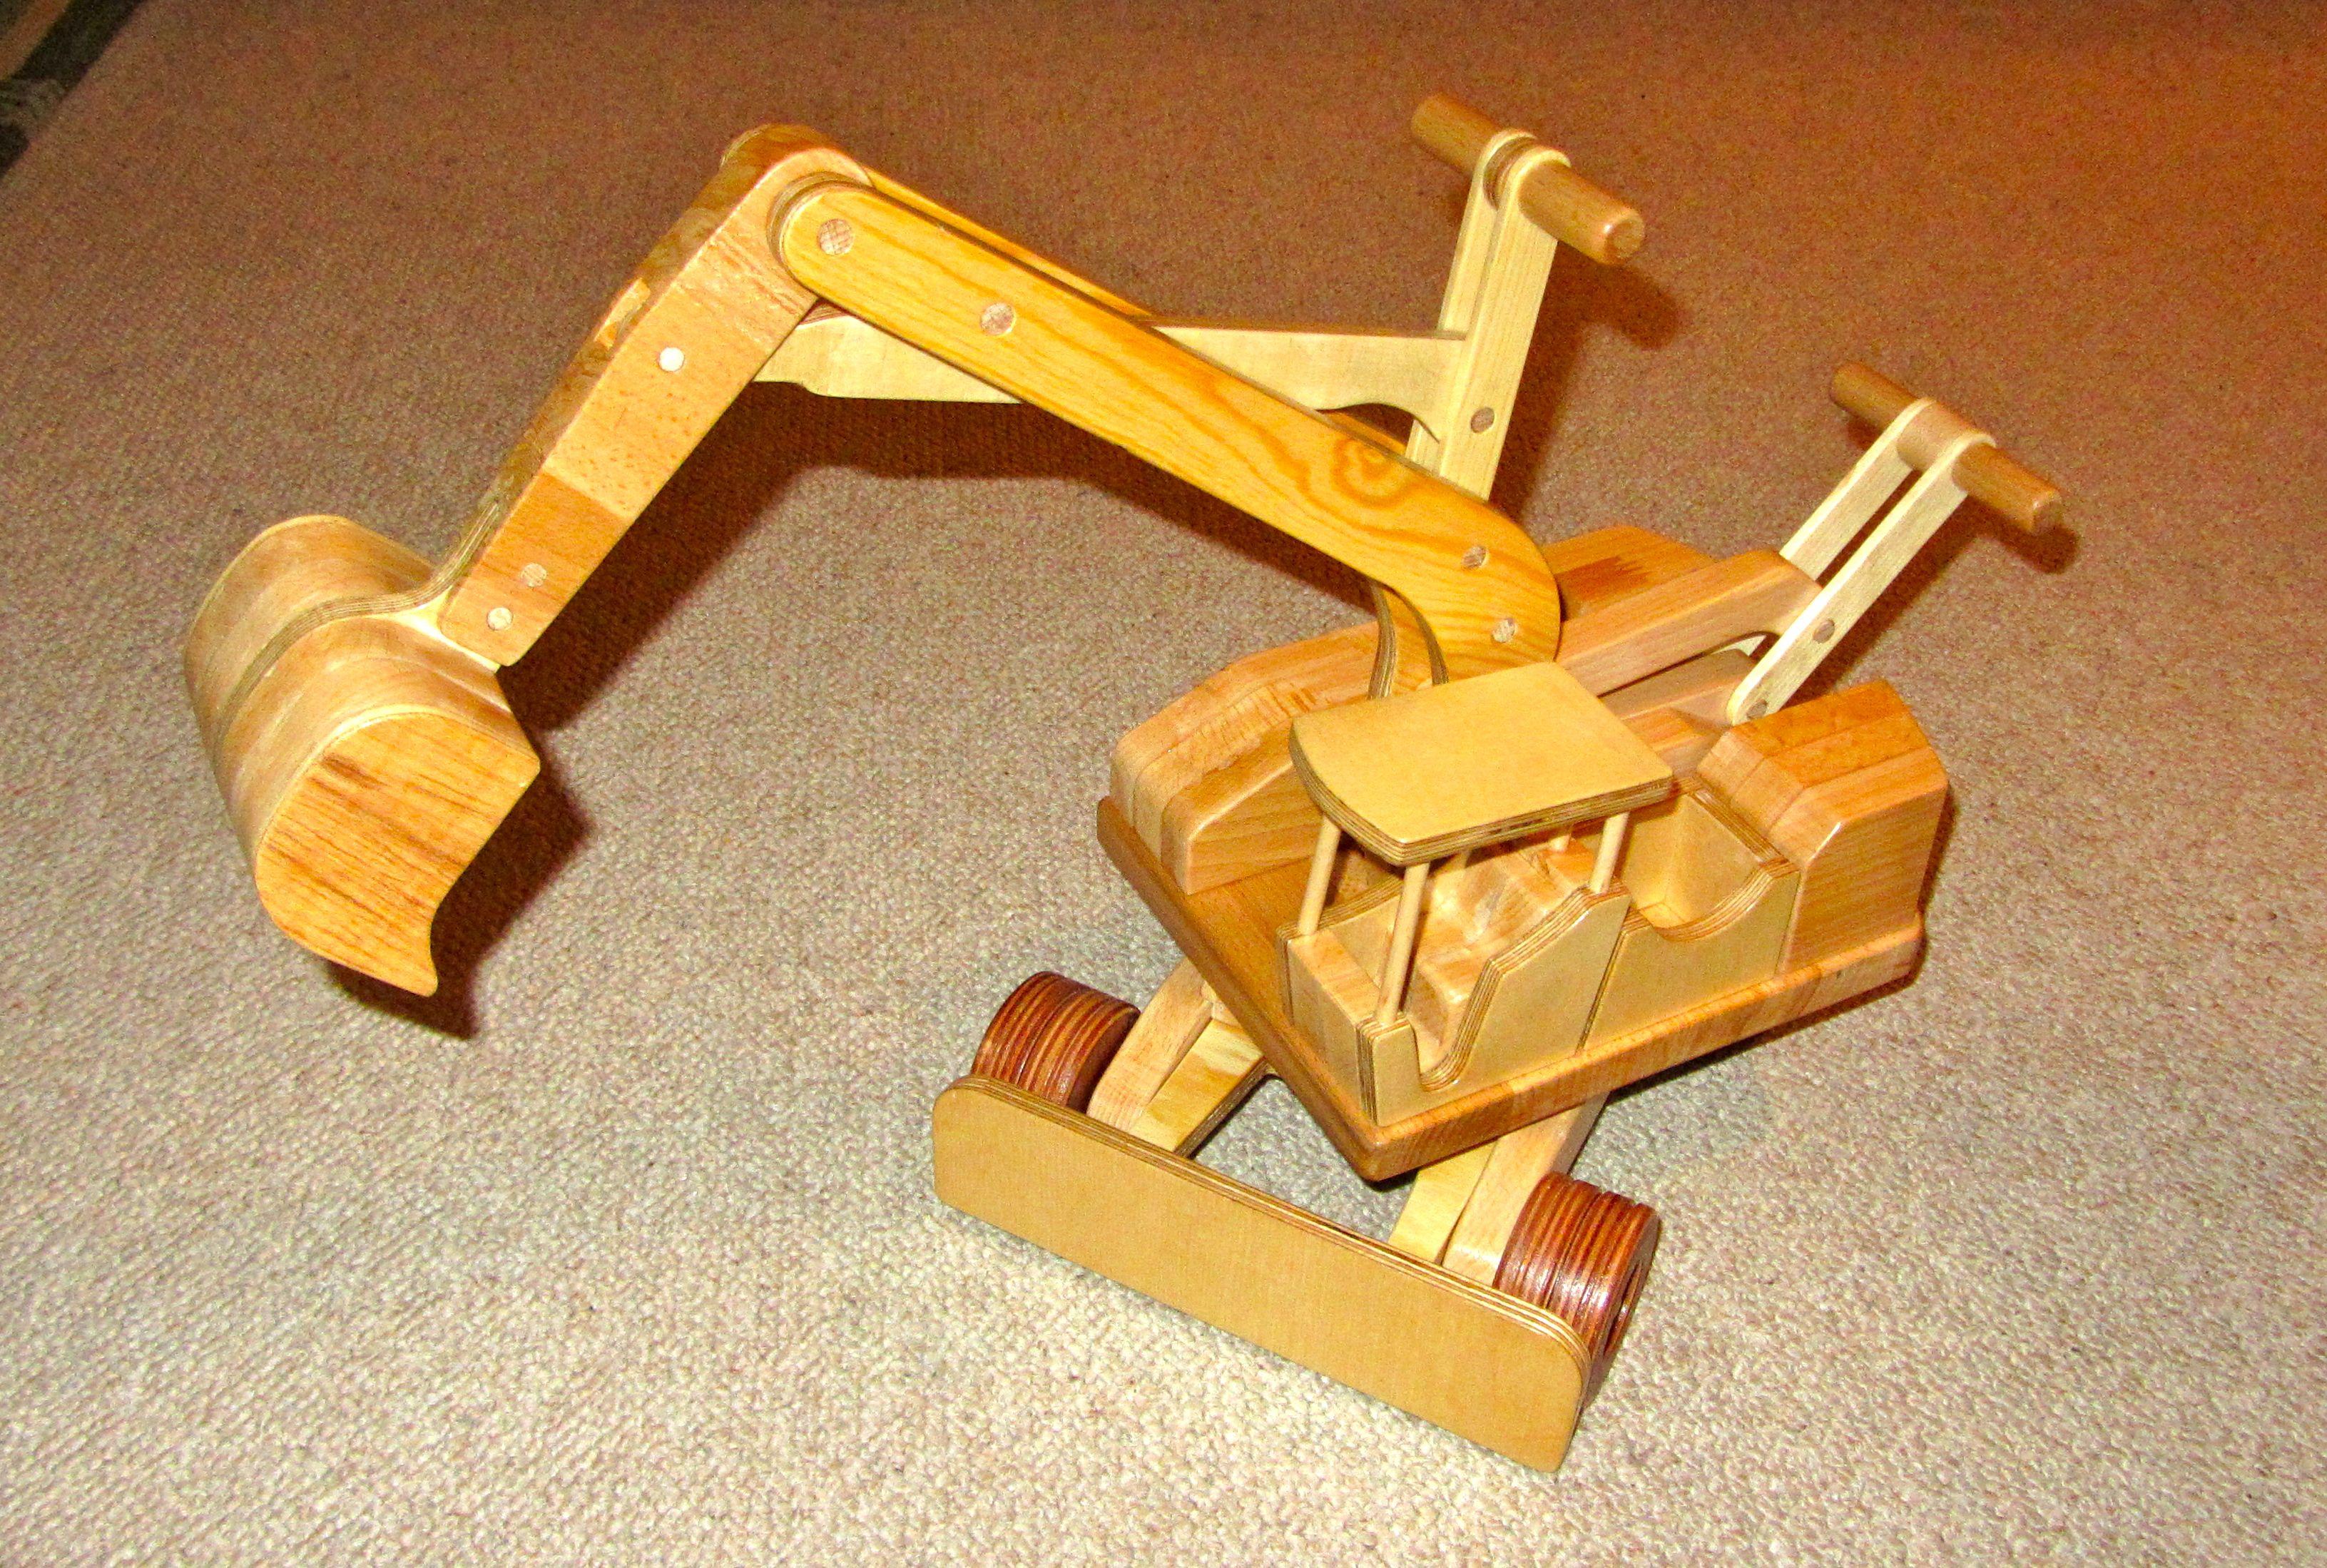 frisch spielzeug traktor selber bauen tierspielzeug. Black Bedroom Furniture Sets. Home Design Ideas